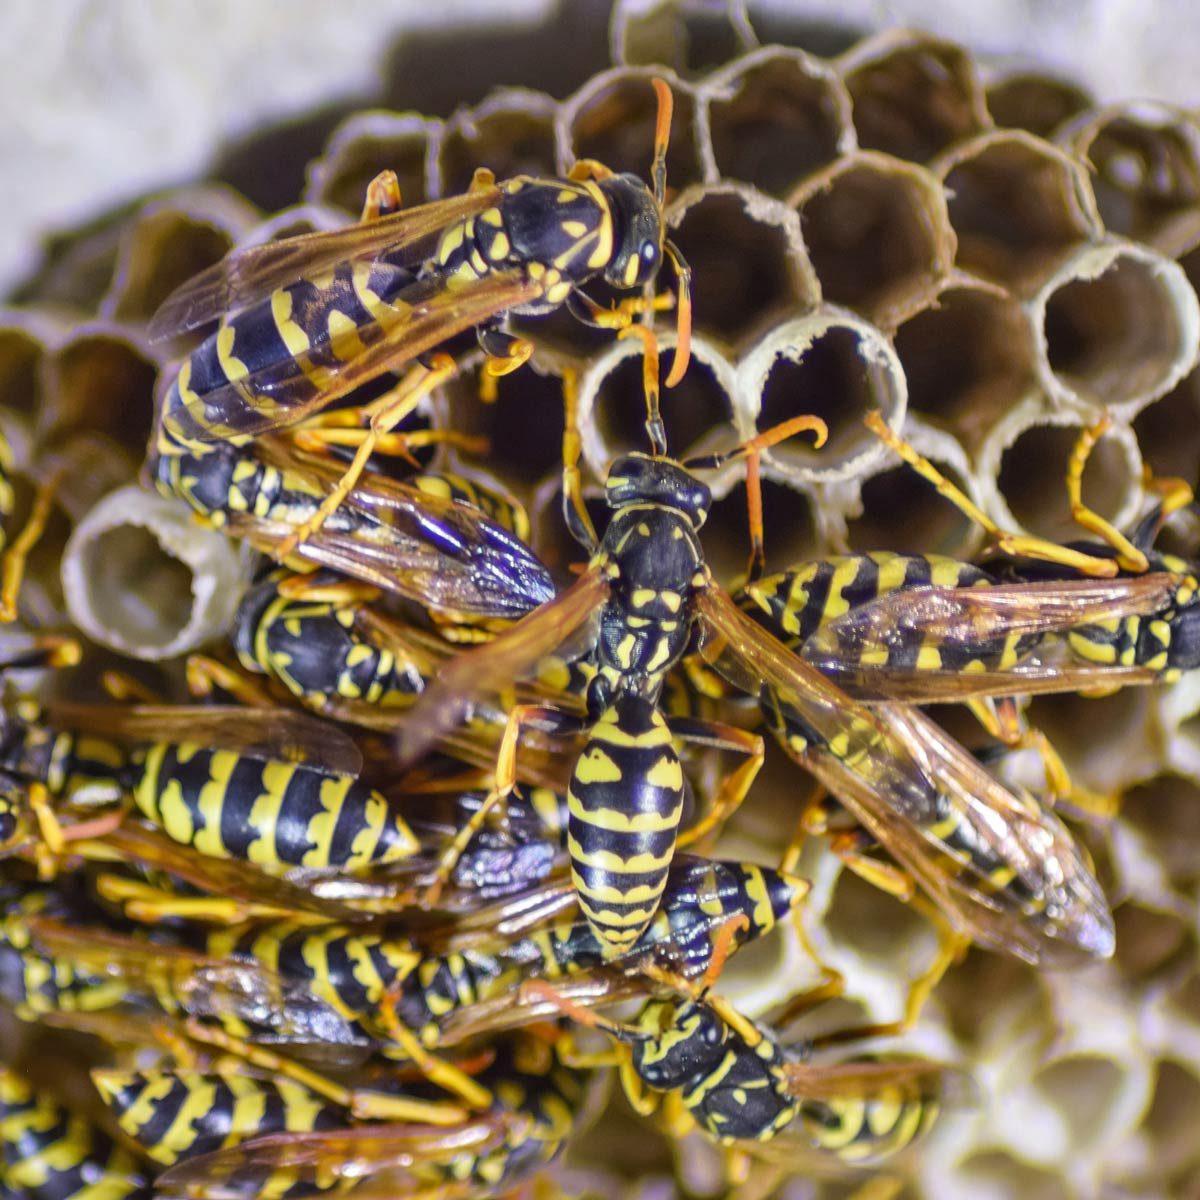 Got Wasps?